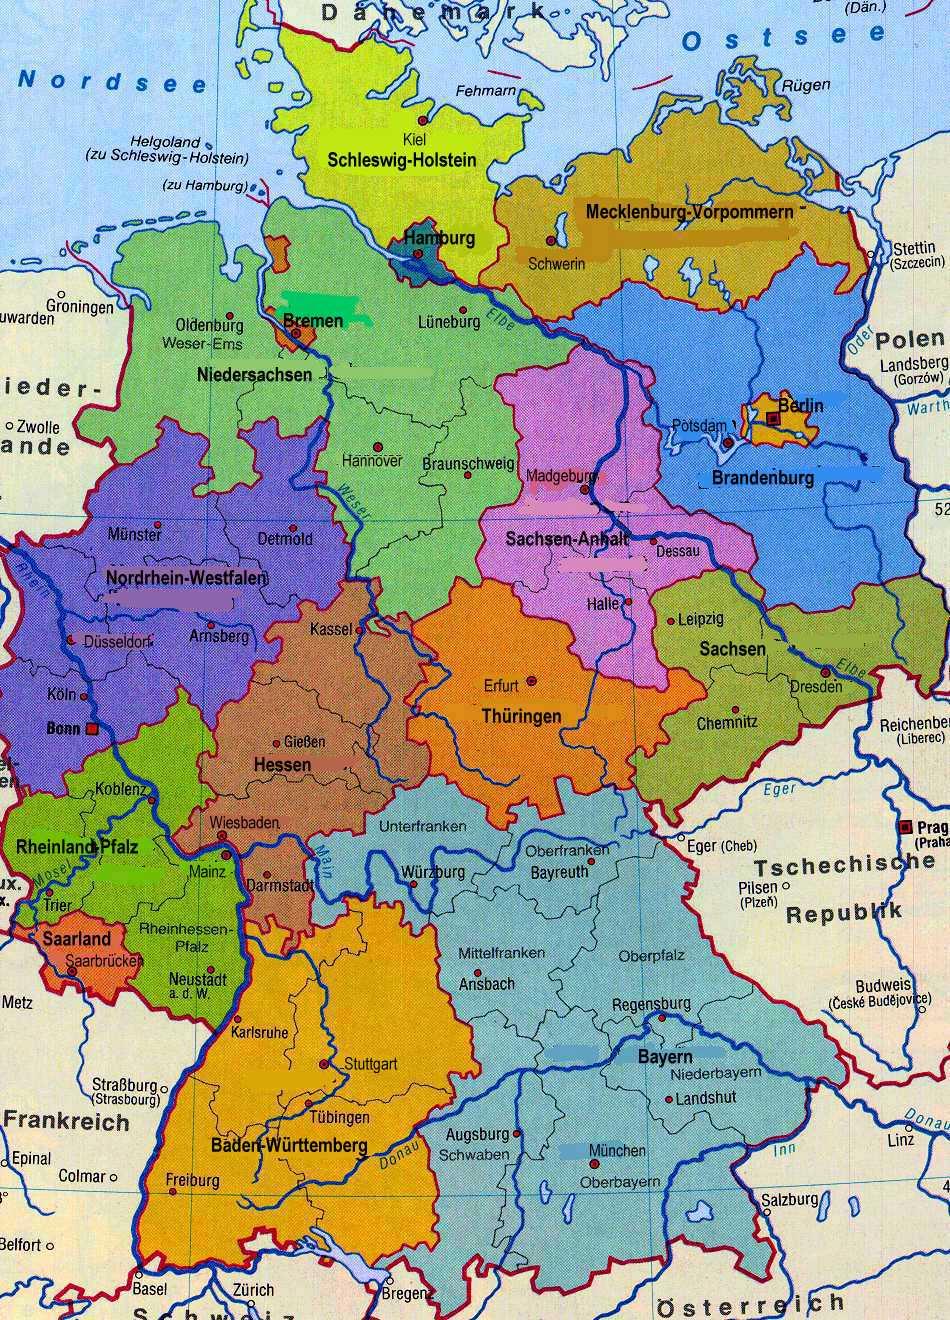 Länder Der Bundesrepublik Deutschland Karte | My blog